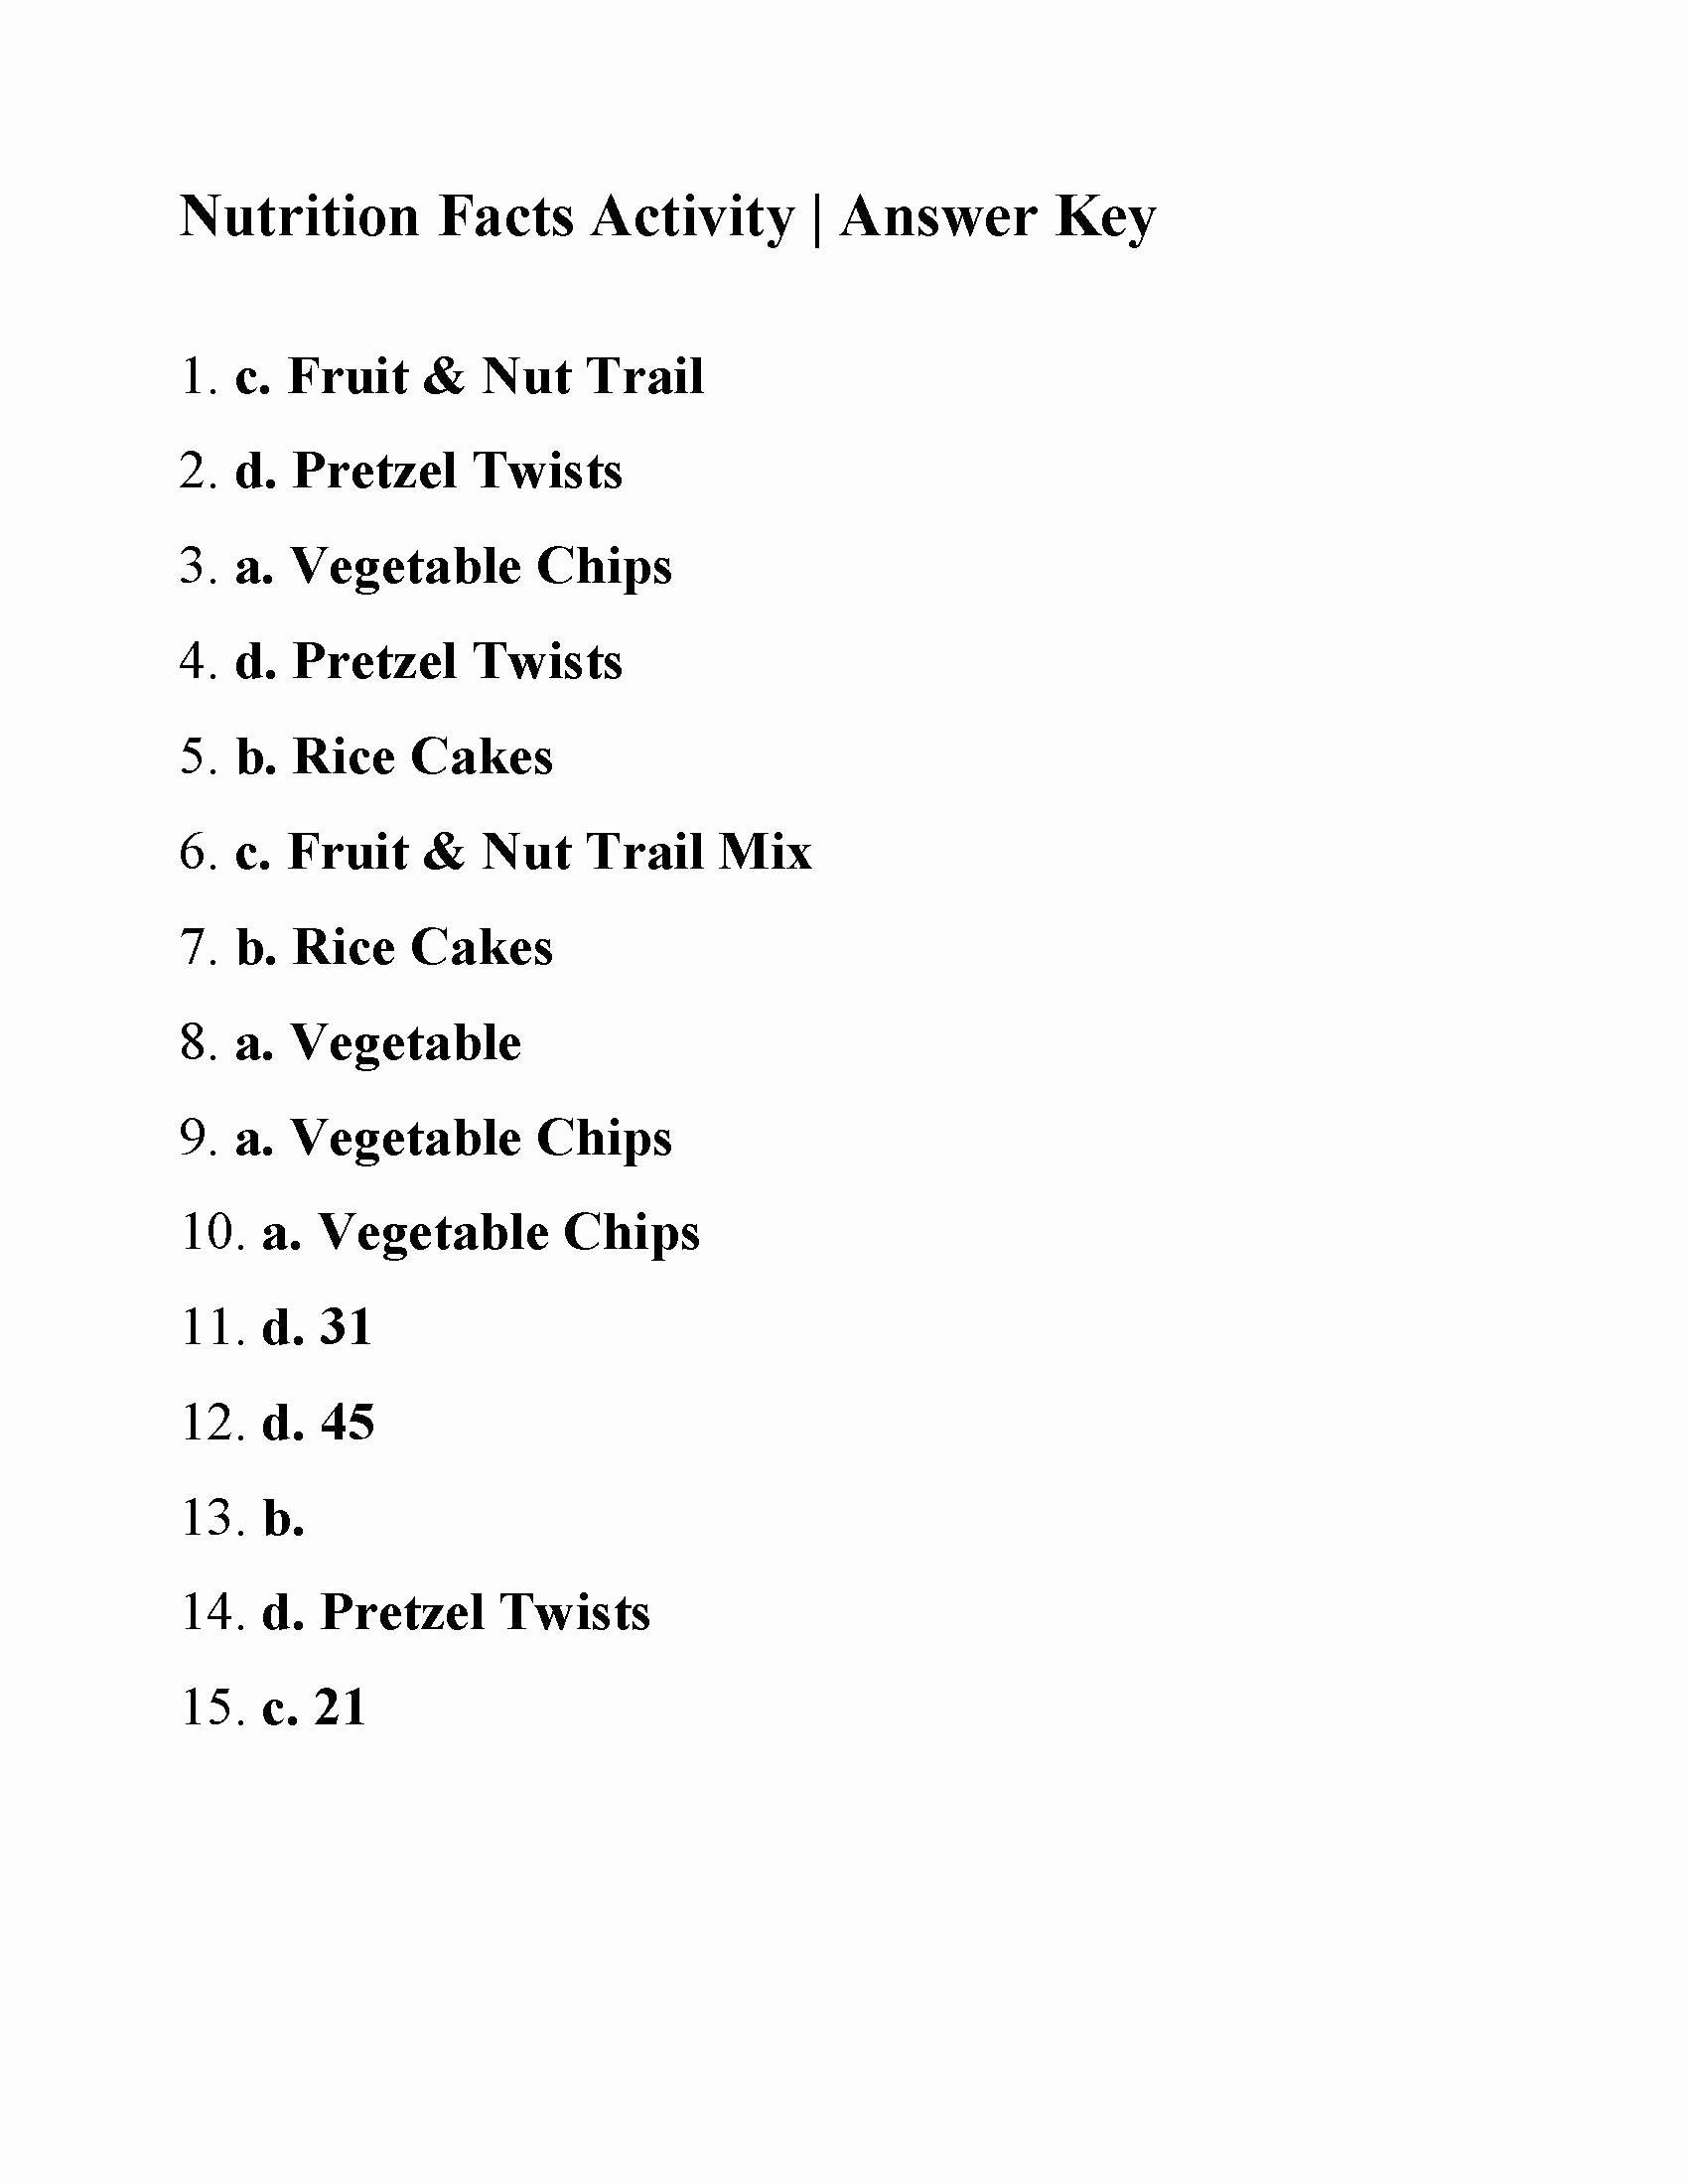 Nutrition Label Worksheet Answer Key Elegant Nutrition Reading Prehension Worksheets Pdf – Blog Dandk